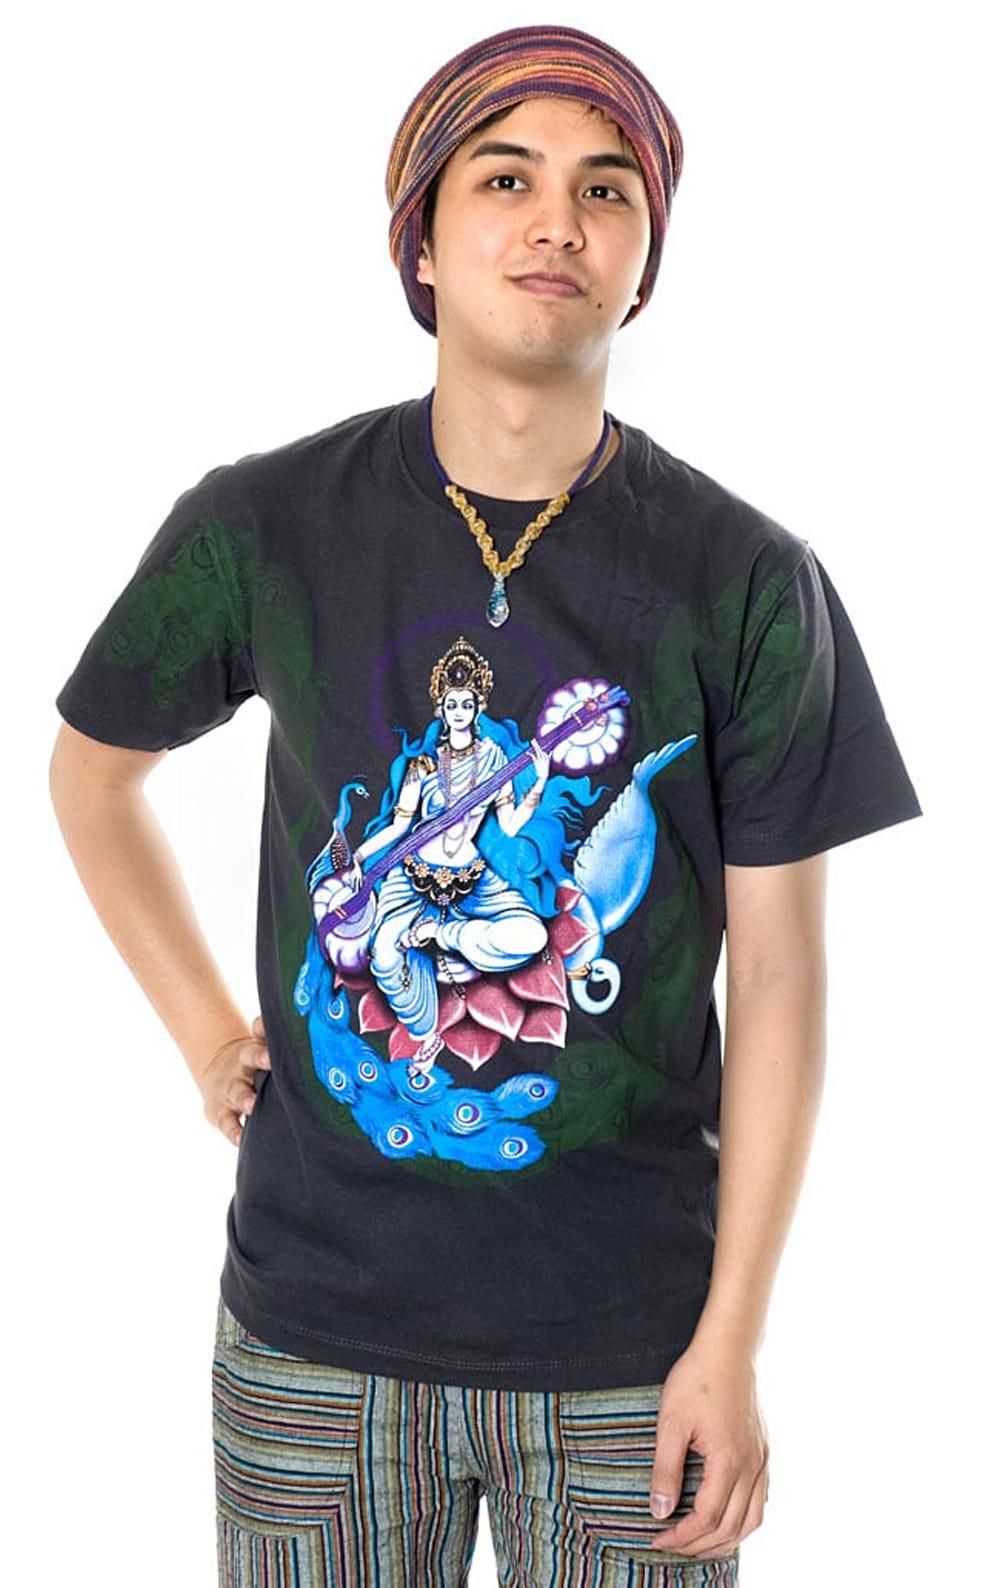 天高く咲く蓮 Tシャツ 10 - 170cmのスタッフがMサイズを着てみました